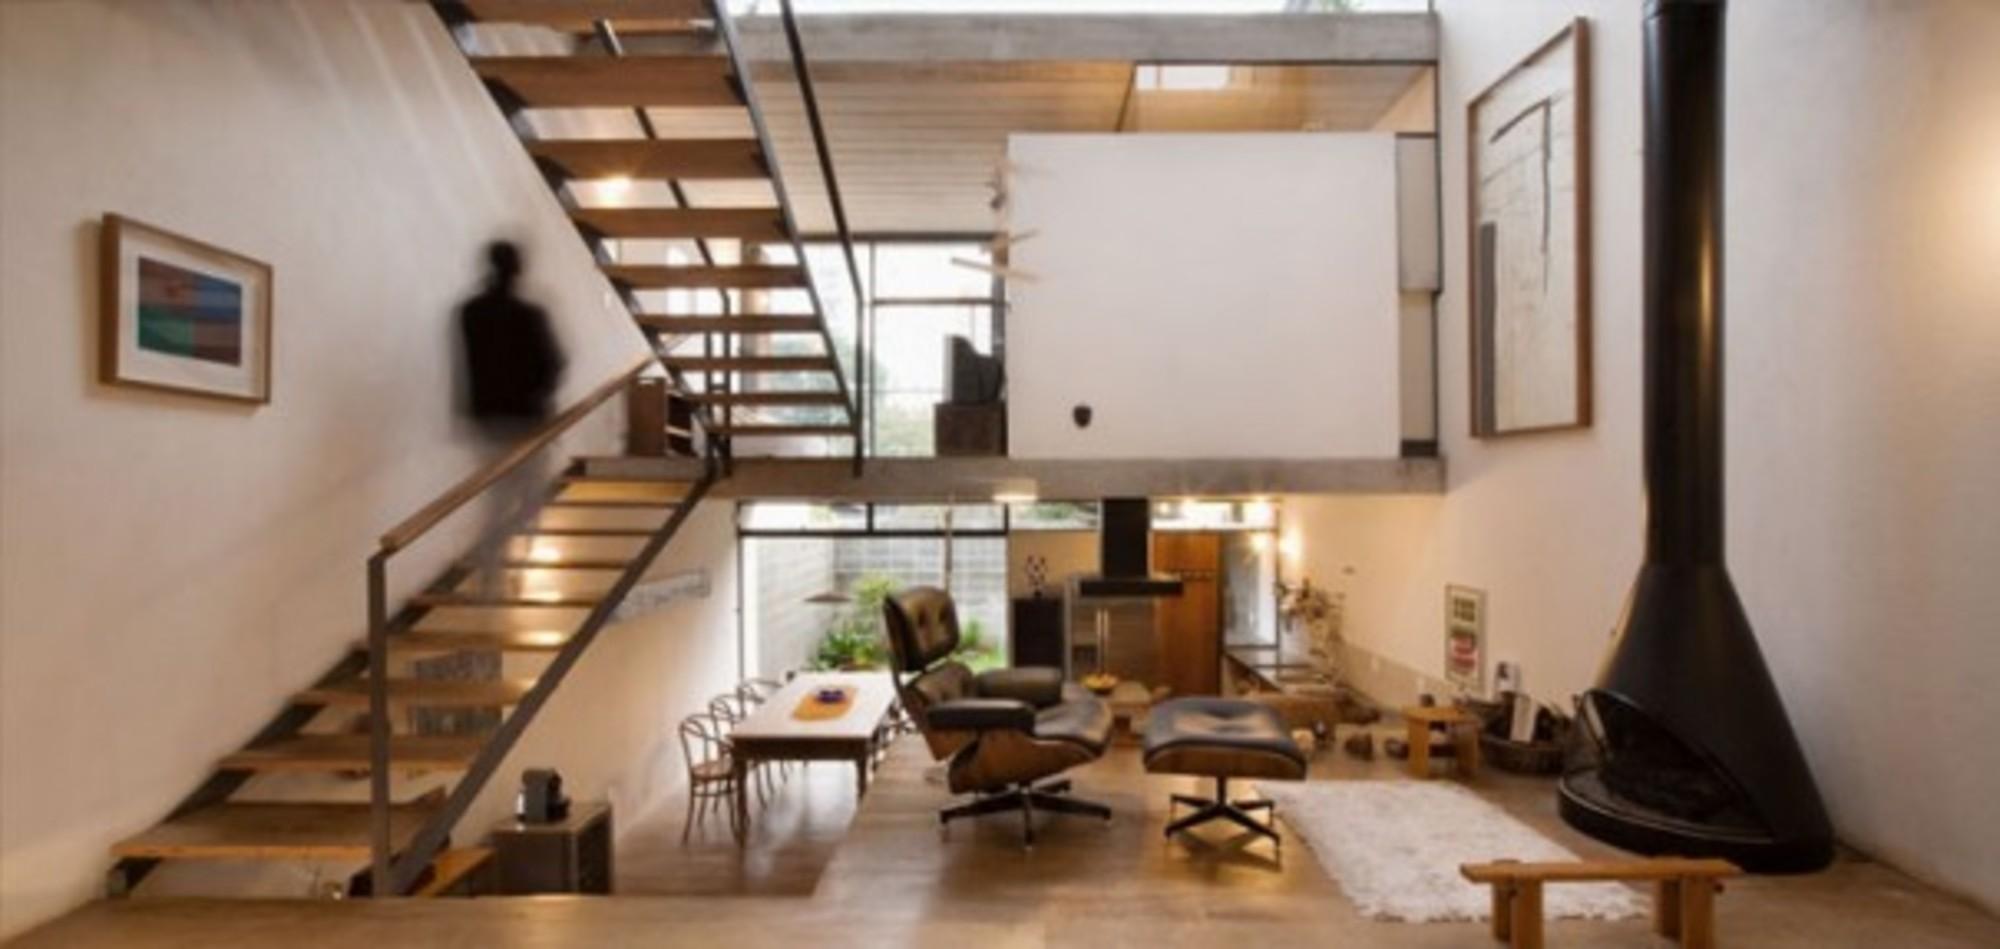 loft triplex casa casa de valentina. Black Bedroom Furniture Sets. Home Design Ideas